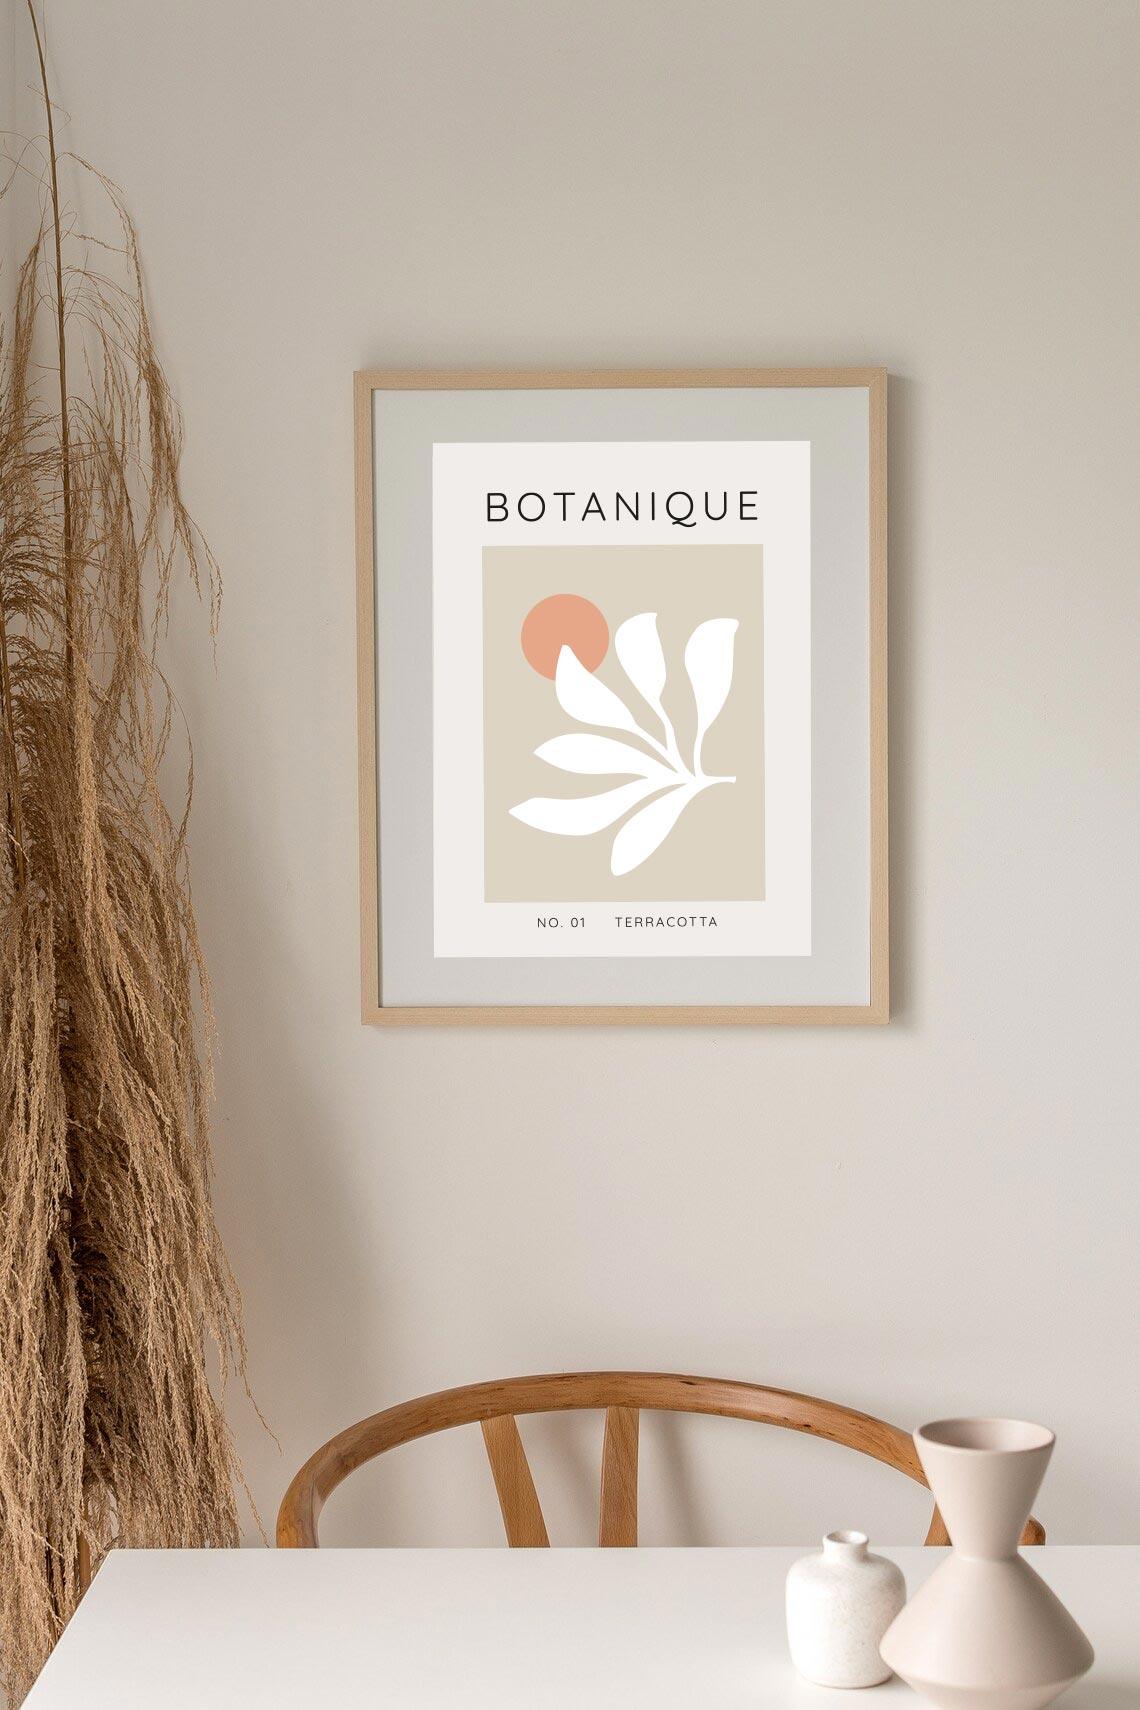 affiche botanique deco home